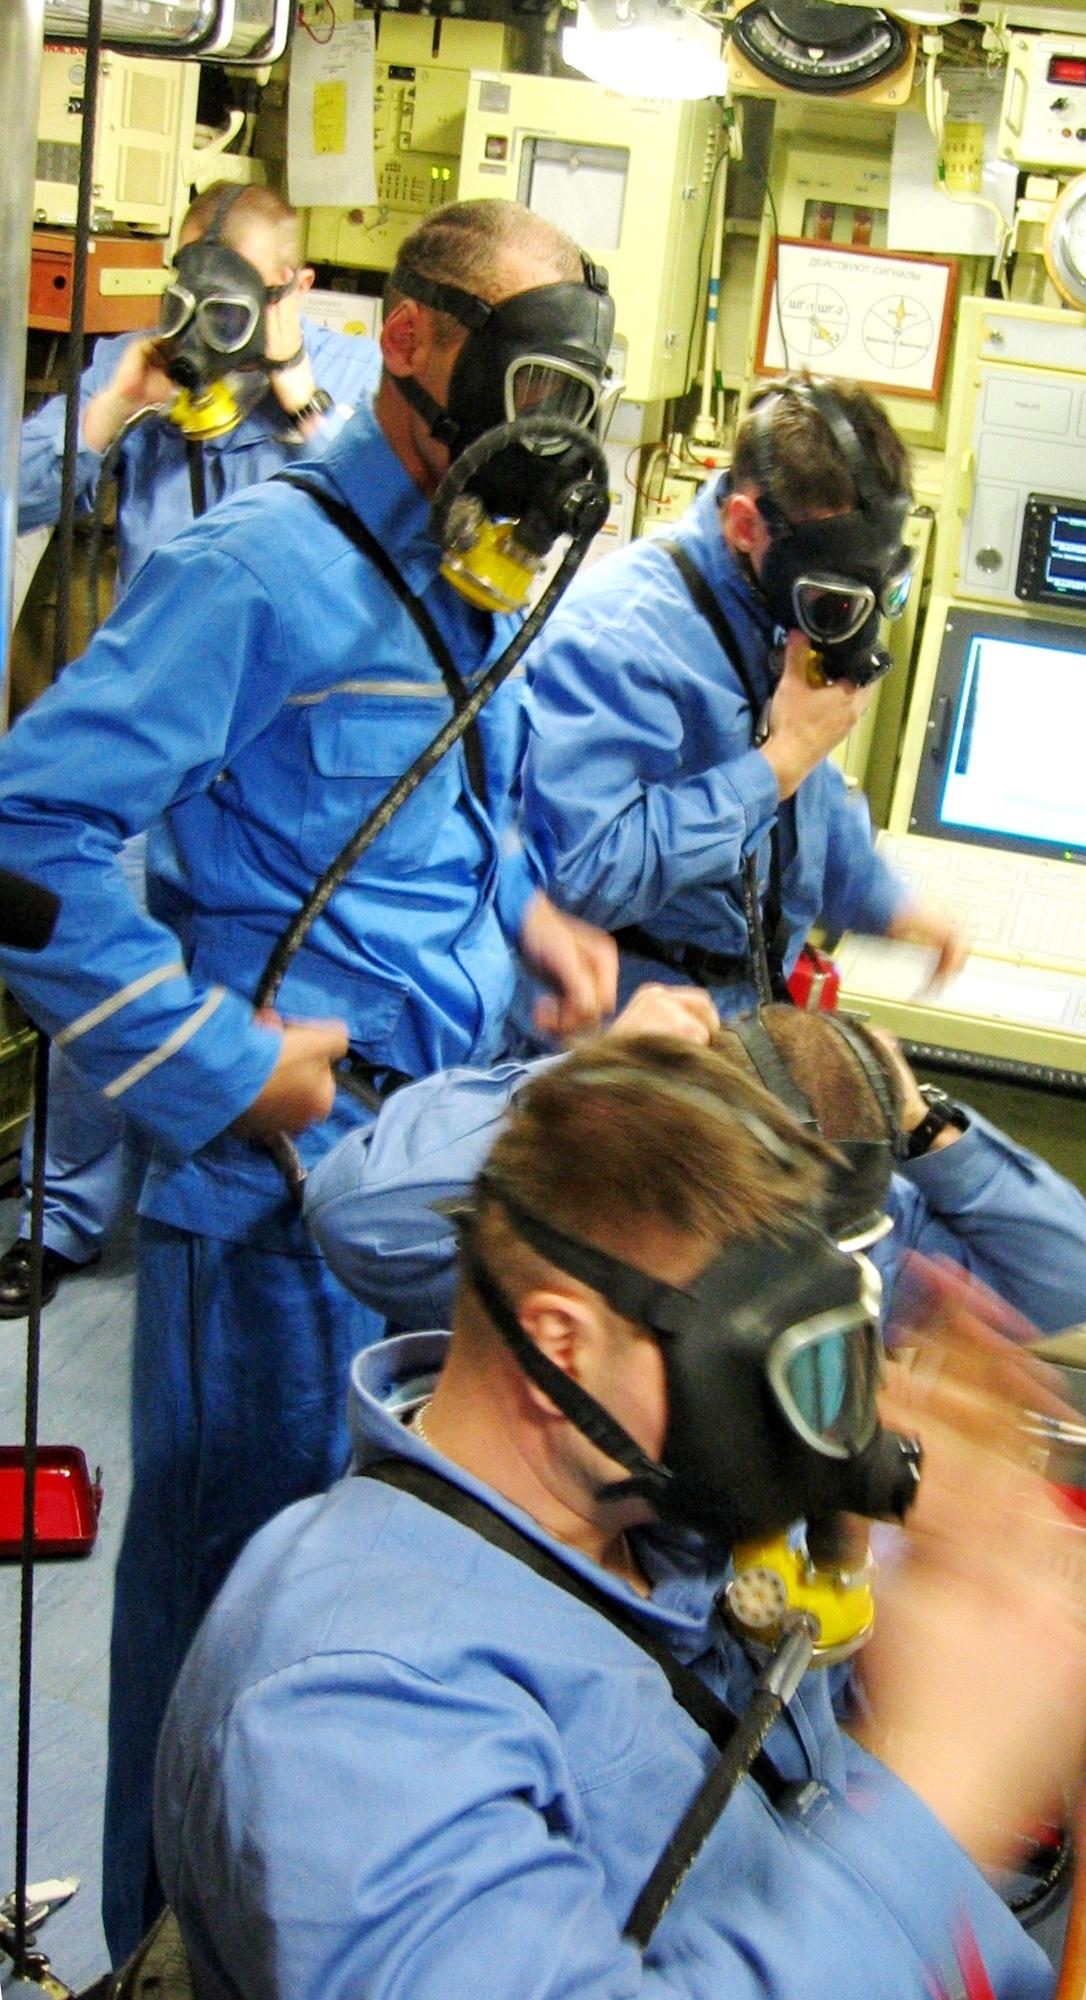 По вводной задымления отсека сам командир надевает маску СДС - стационарной дыхательной системы - и продолжает работать в ней, как и его подчинённые.